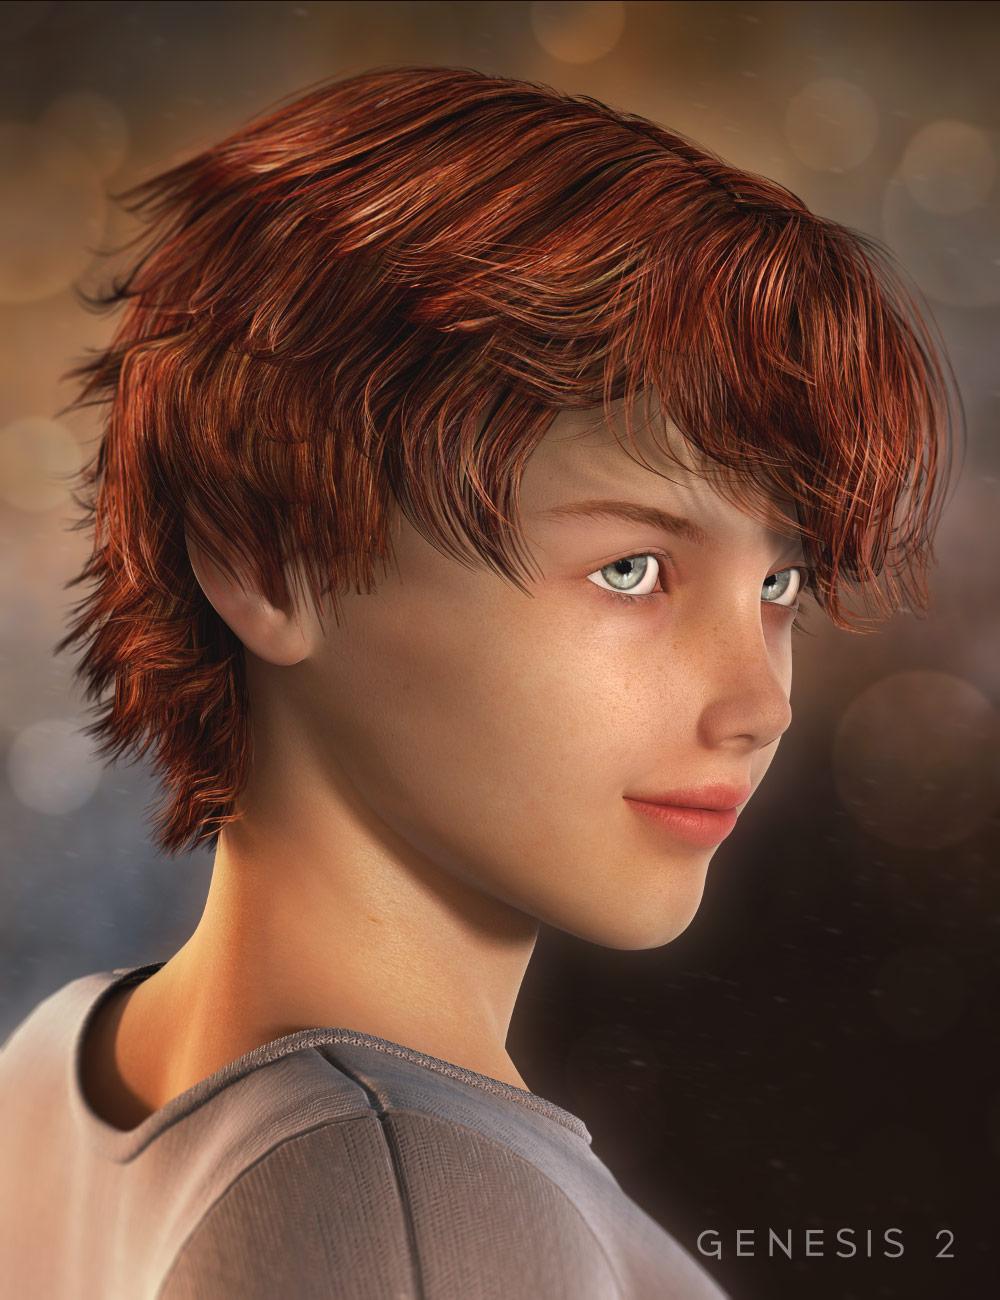 Wyatt Hair for Genesis 2 Male(s) by: goldtassel, 3D Models by Daz 3D